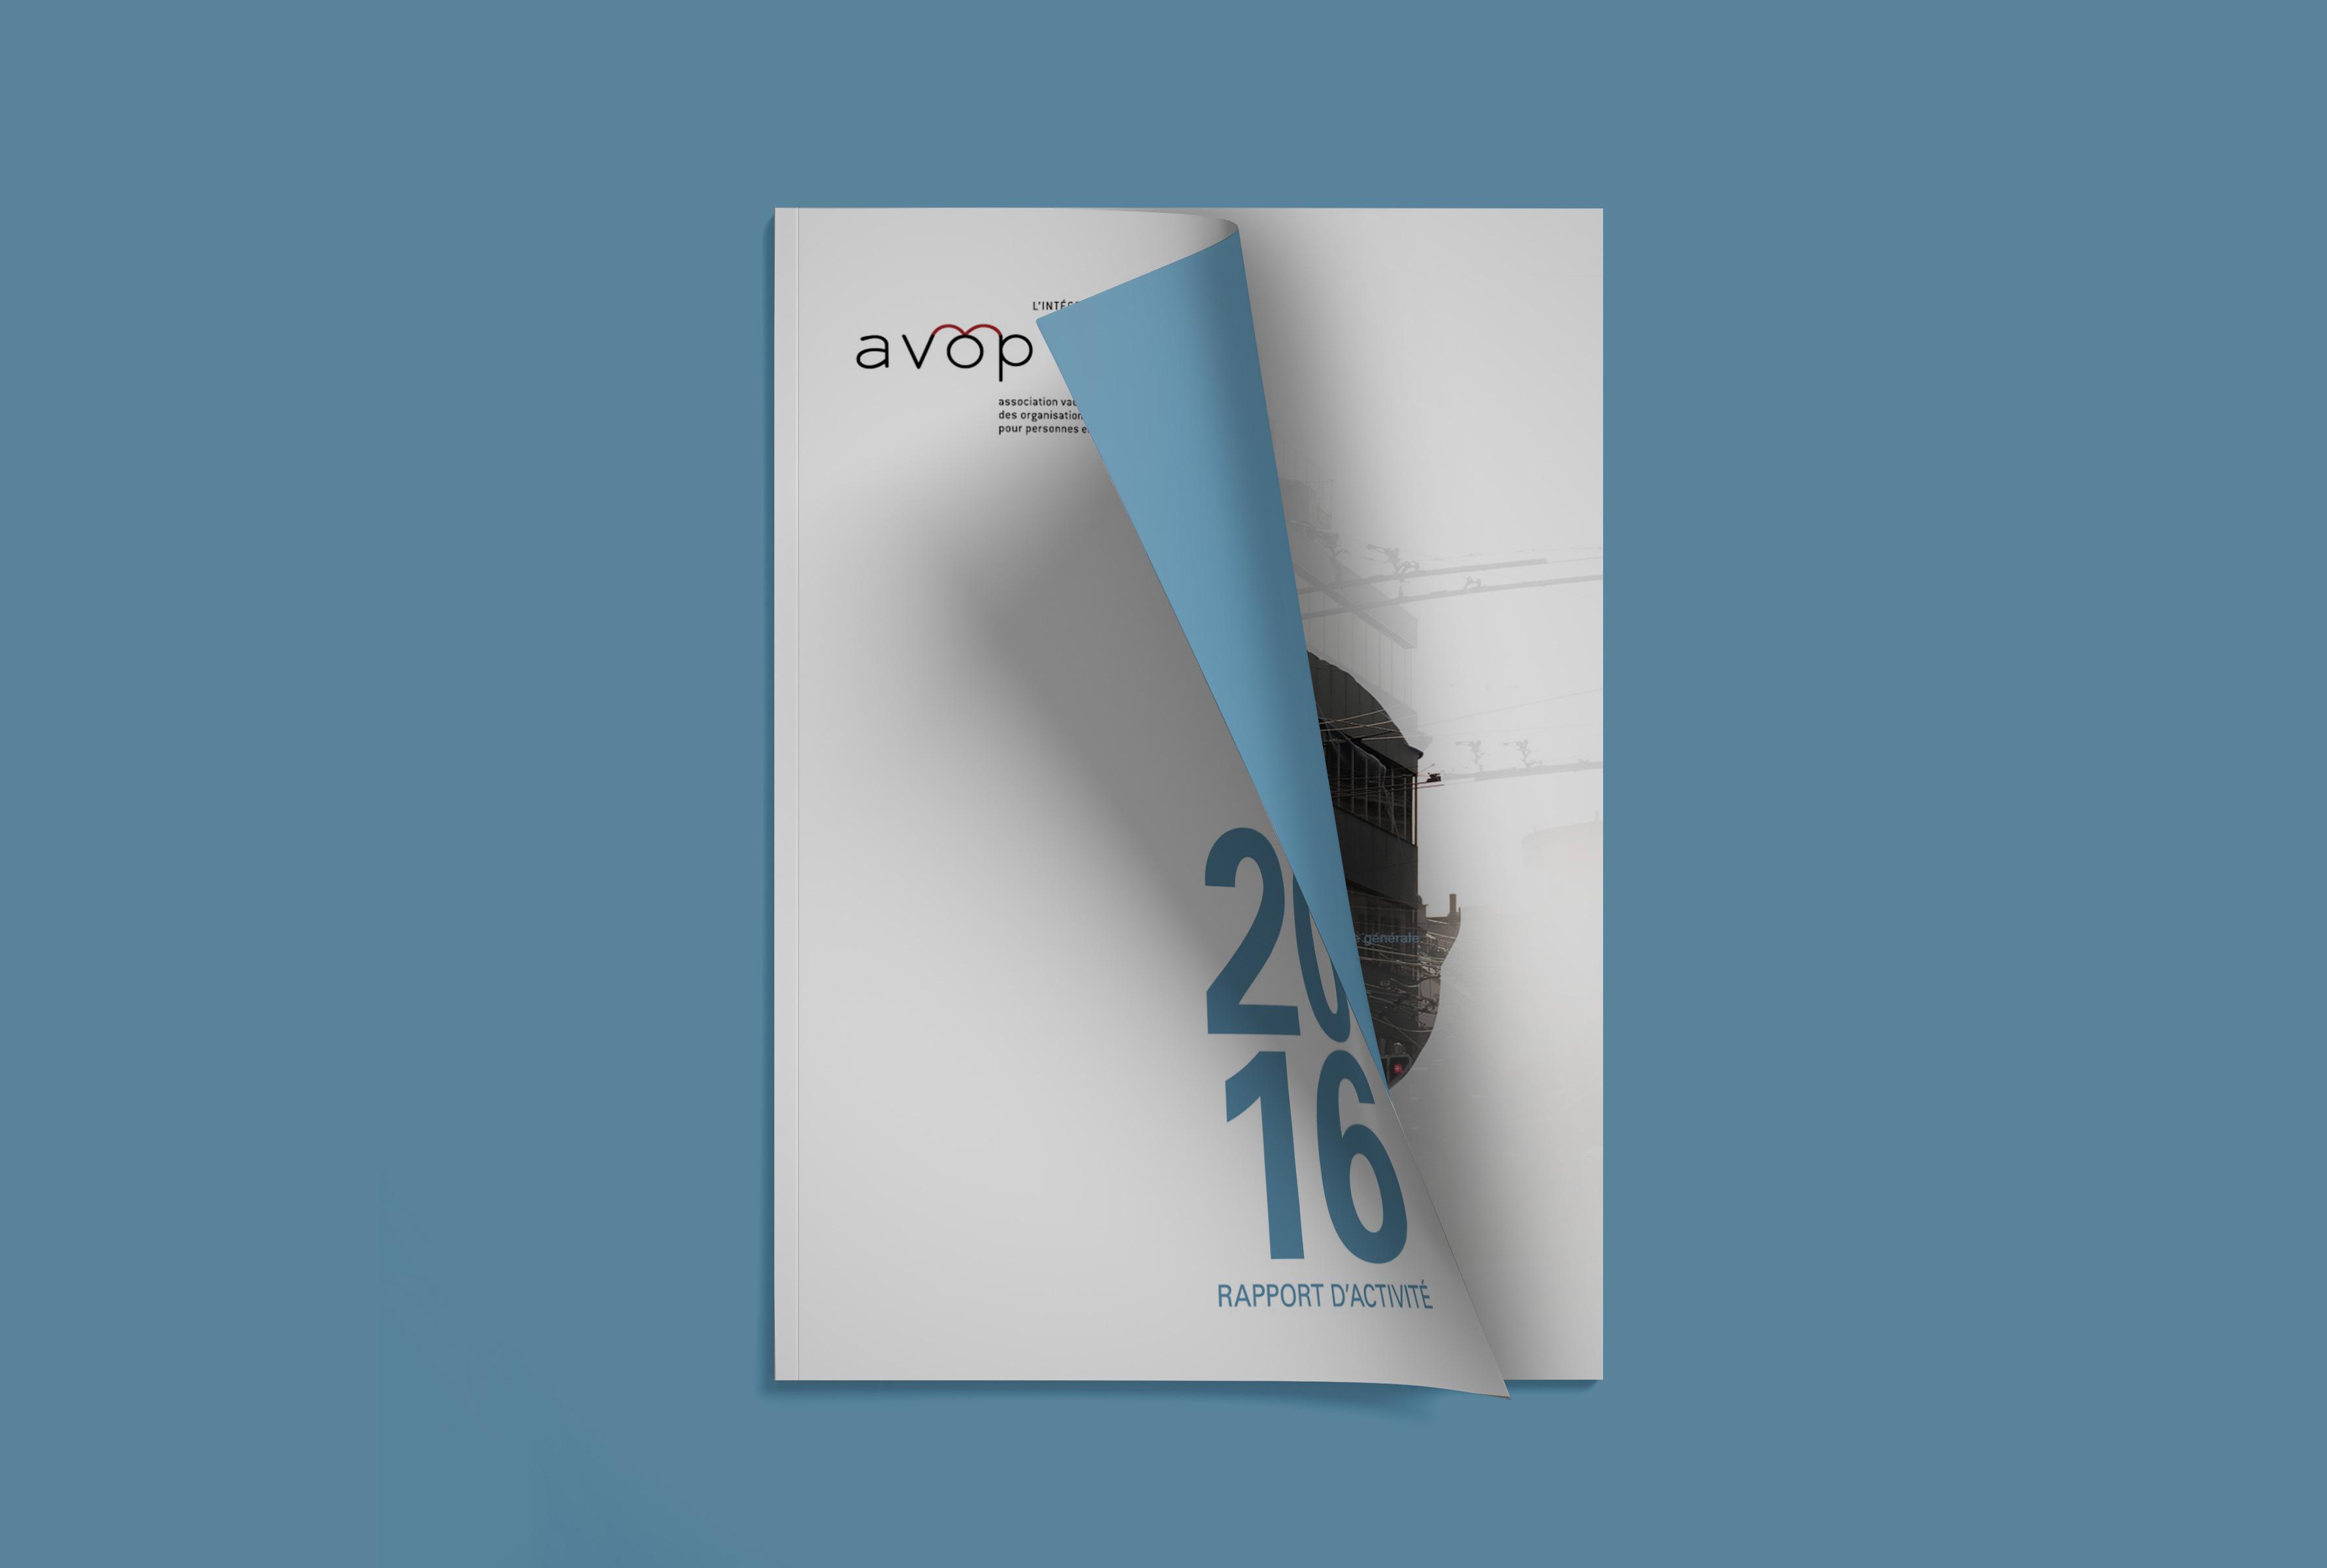 Rapport de l'avop avec un fond bleu, page de couverture